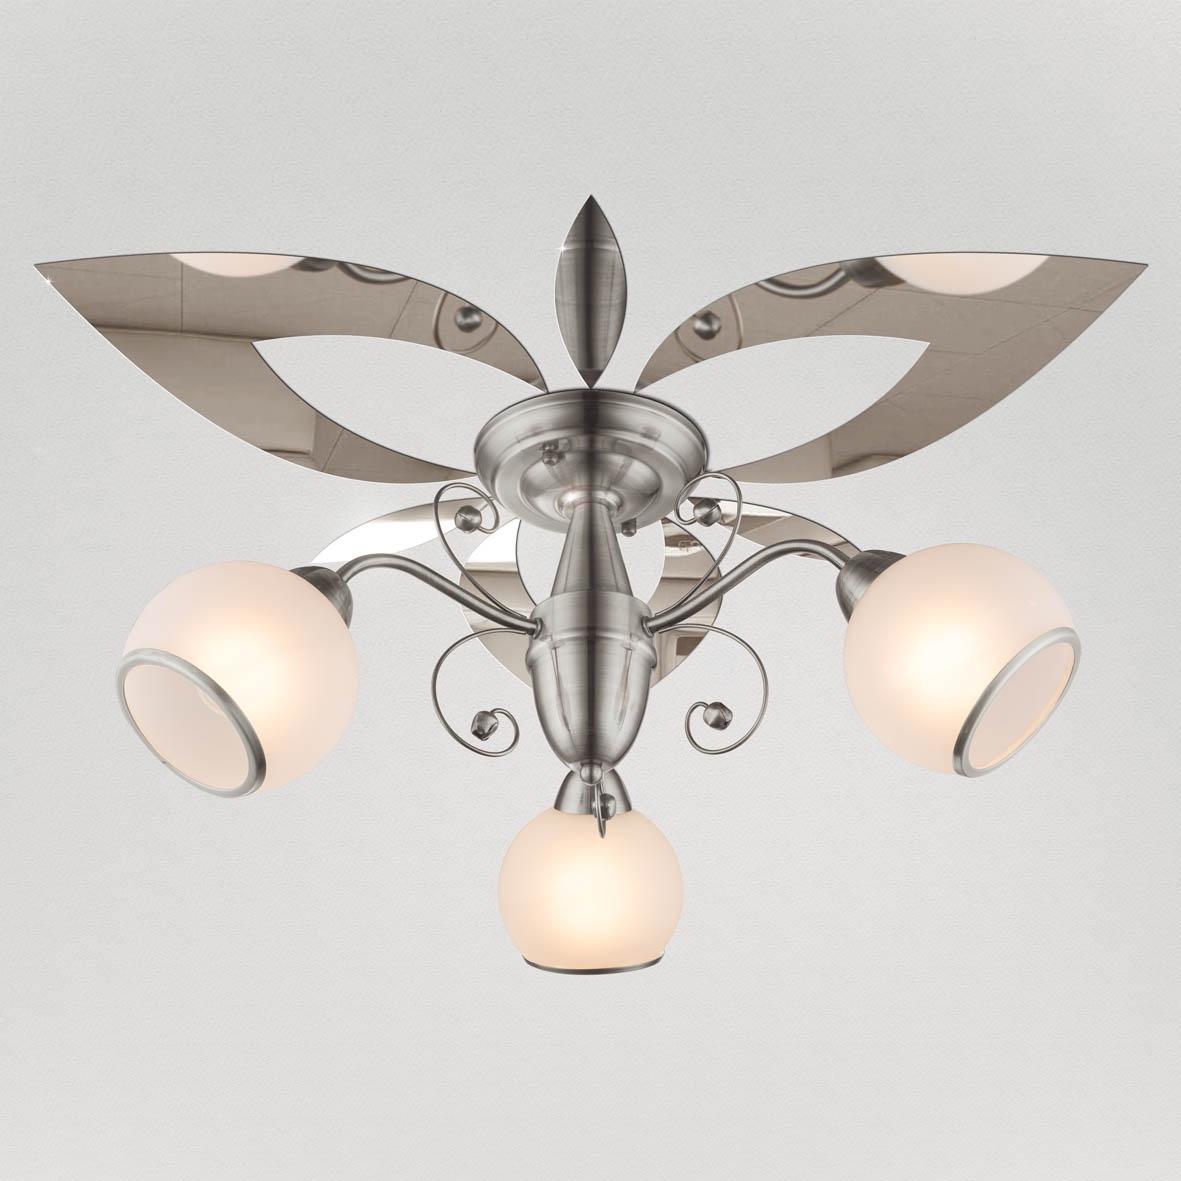 Декор под люстру Ваша Светлость Лилия-3 зеркальный, 417-2-00411CR, хром417-2-00411CRУкрашения потолочные для люстр и светильников из акрилового зеркала на самоклеющейся основе, предназначен для самостоятельного декорирования потолков и стен вокруг люстр и светильников. Количество элементов в комплекте - 36. Максимальный размер одного элемента - 18см . Оптимальный диаметр на поверхности - 100 см